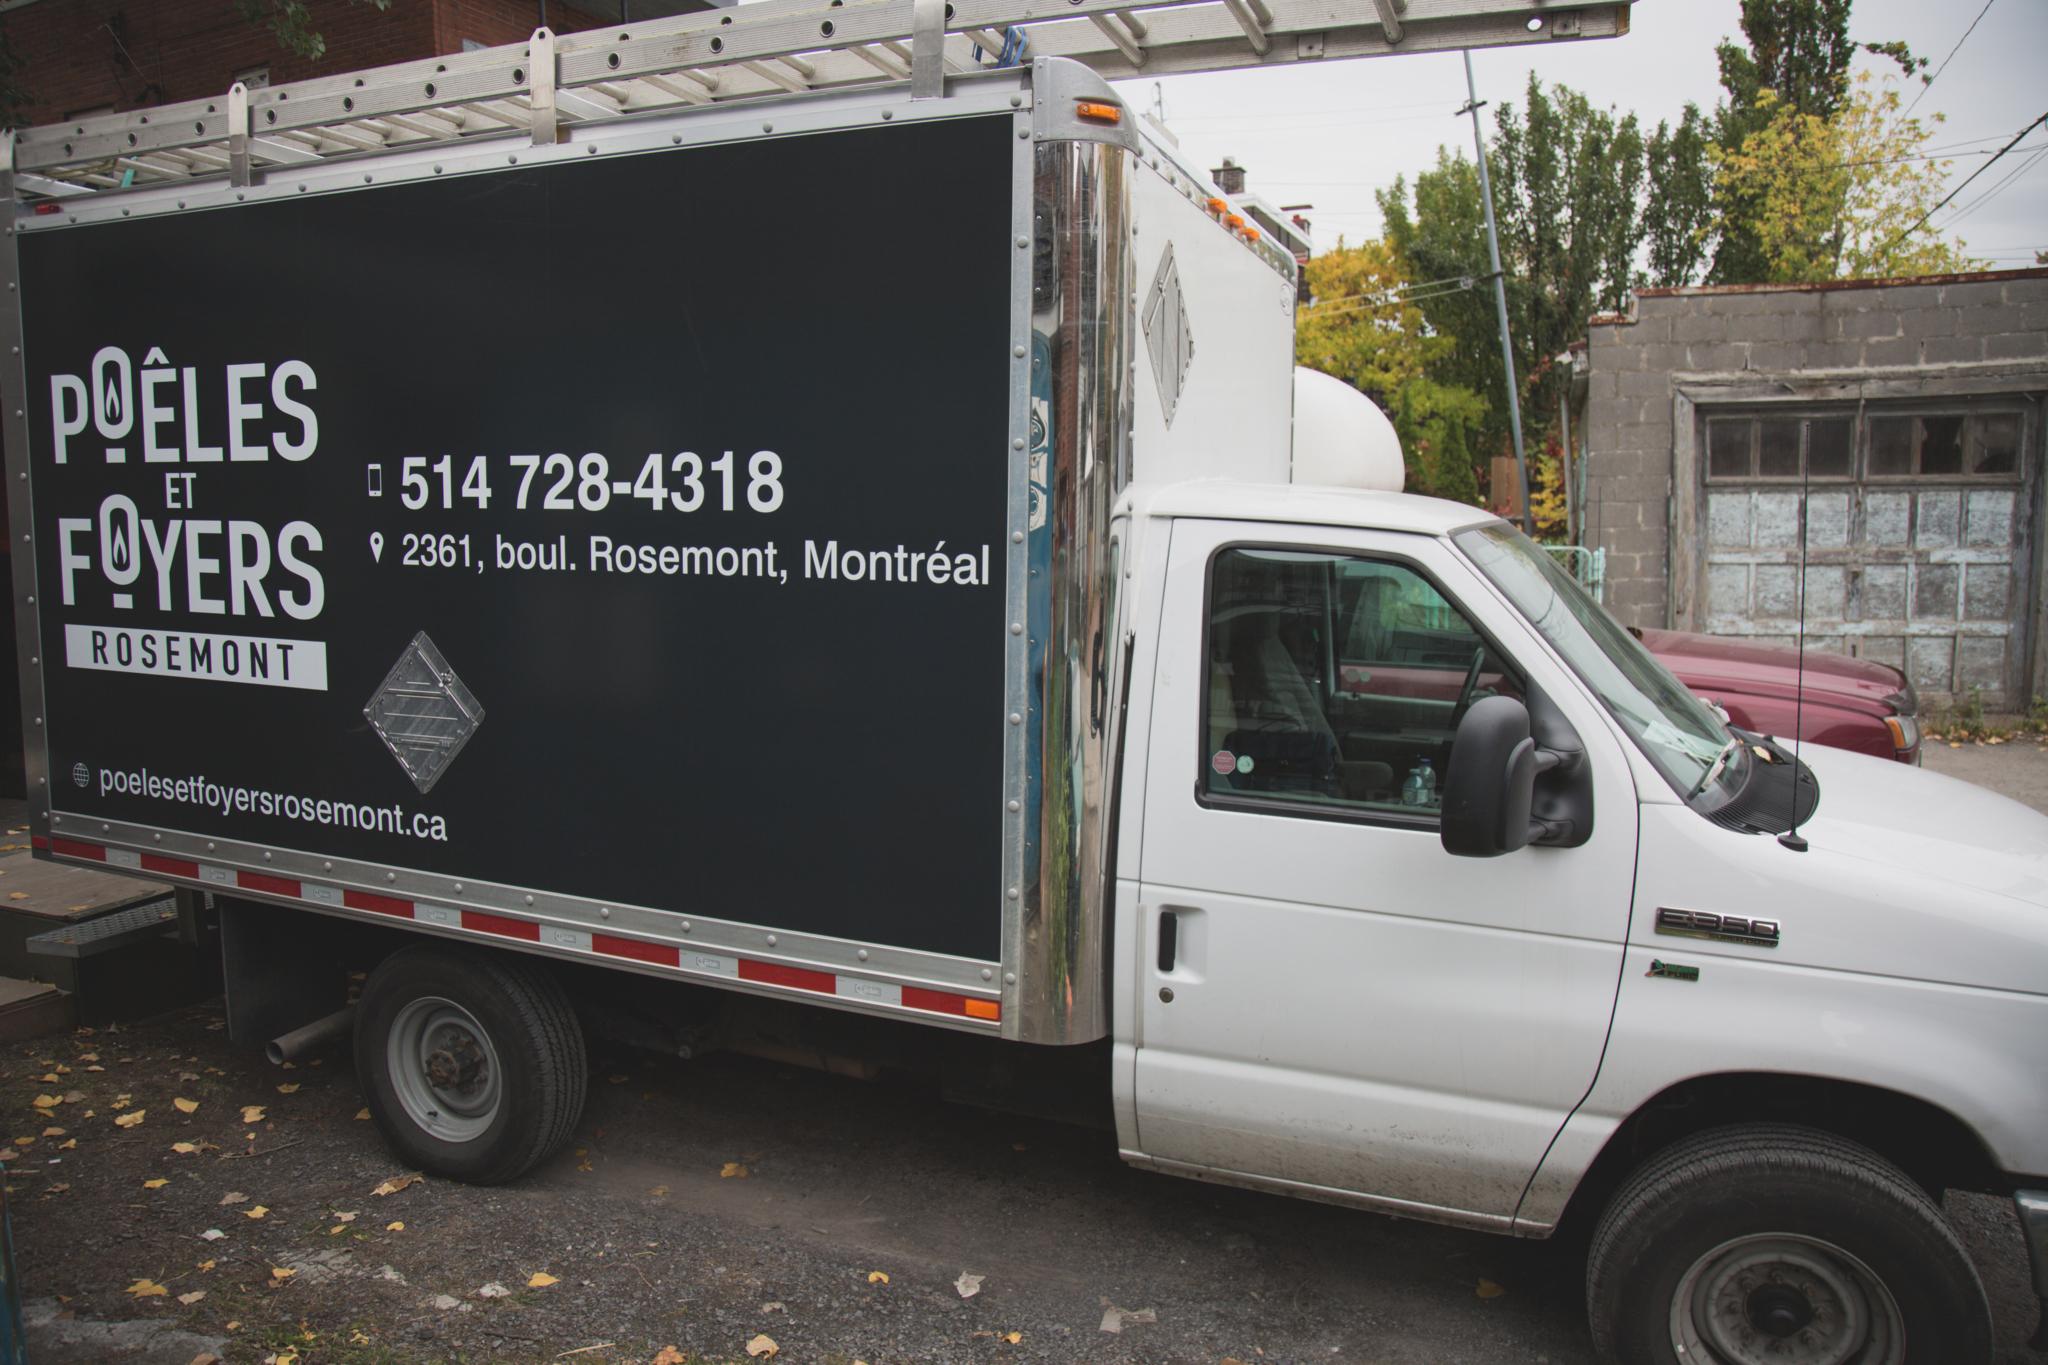 Poeles et Foyers Rosemont Montreal (514)728-4318